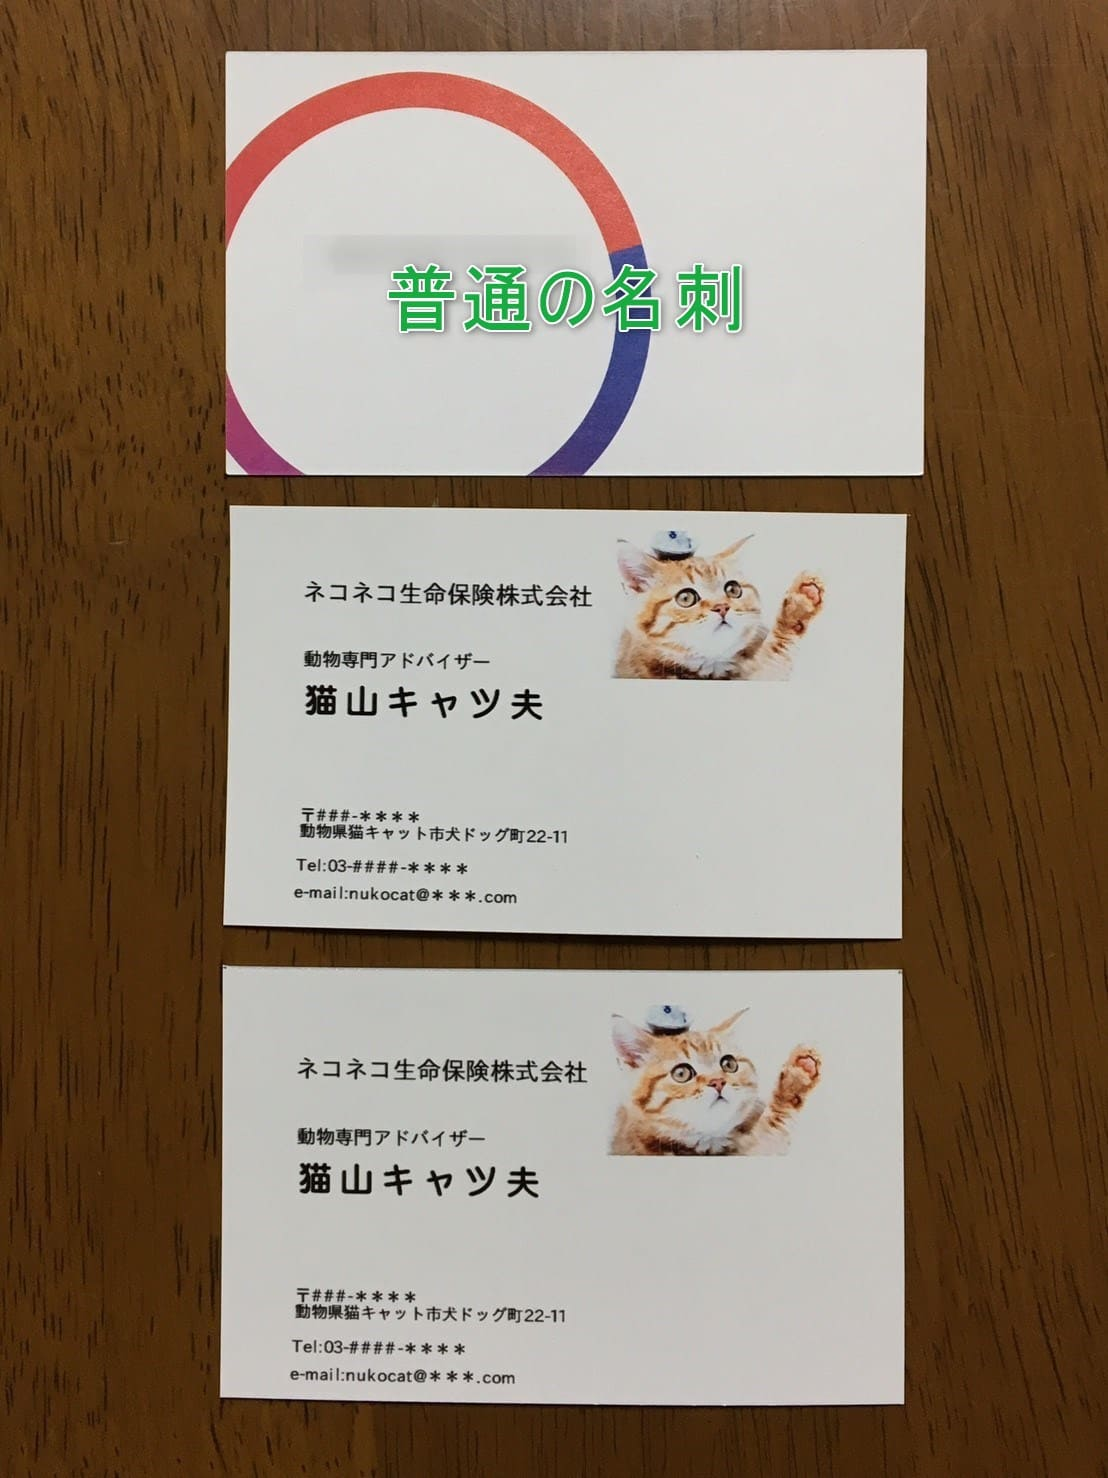 セブンイレブン名刺印刷方法42